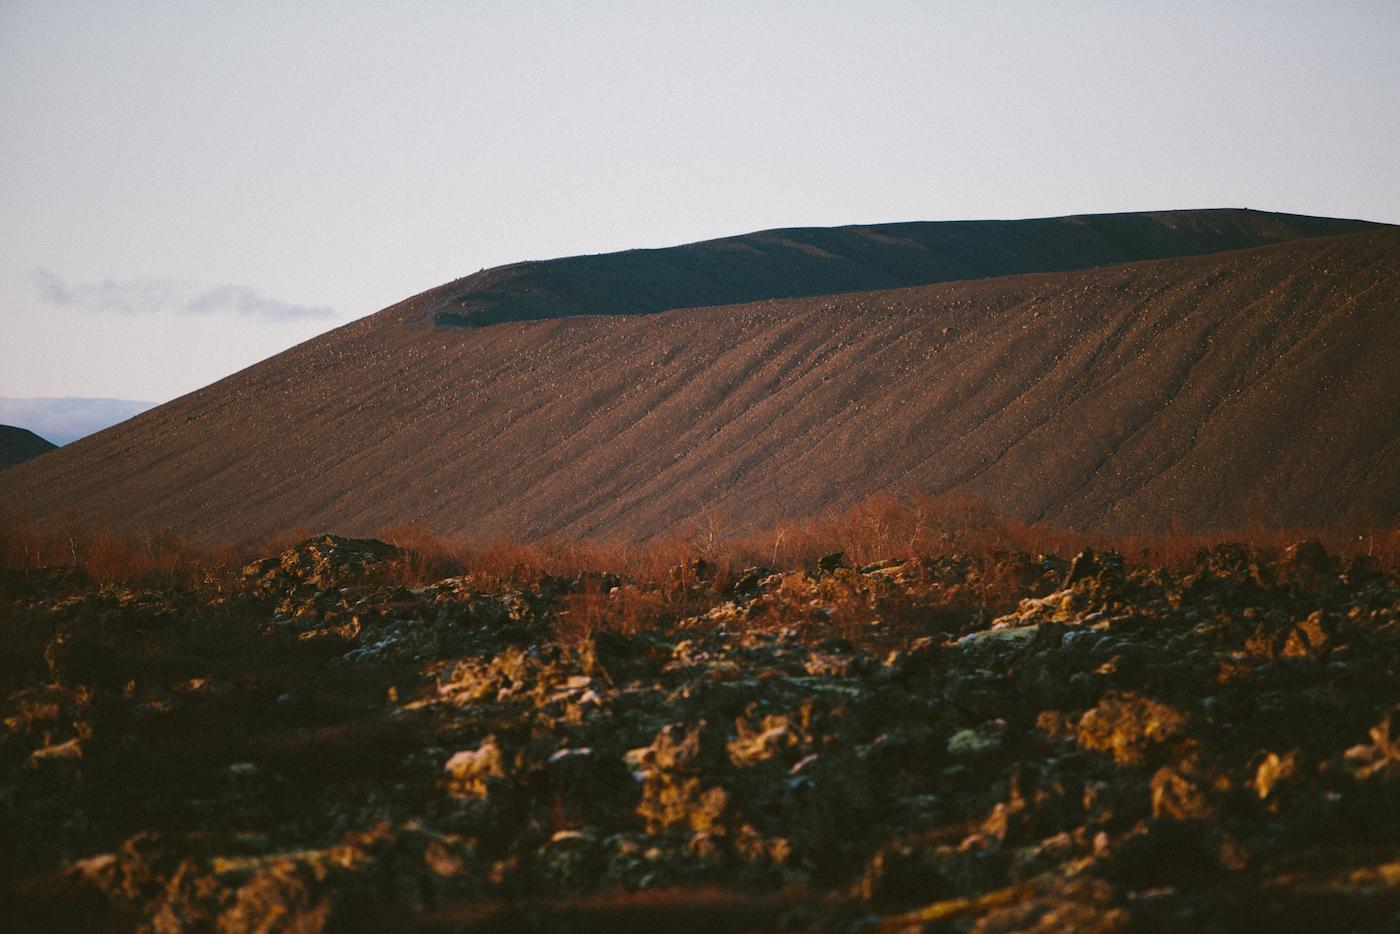 ICELAND-570-LA054687.jpg